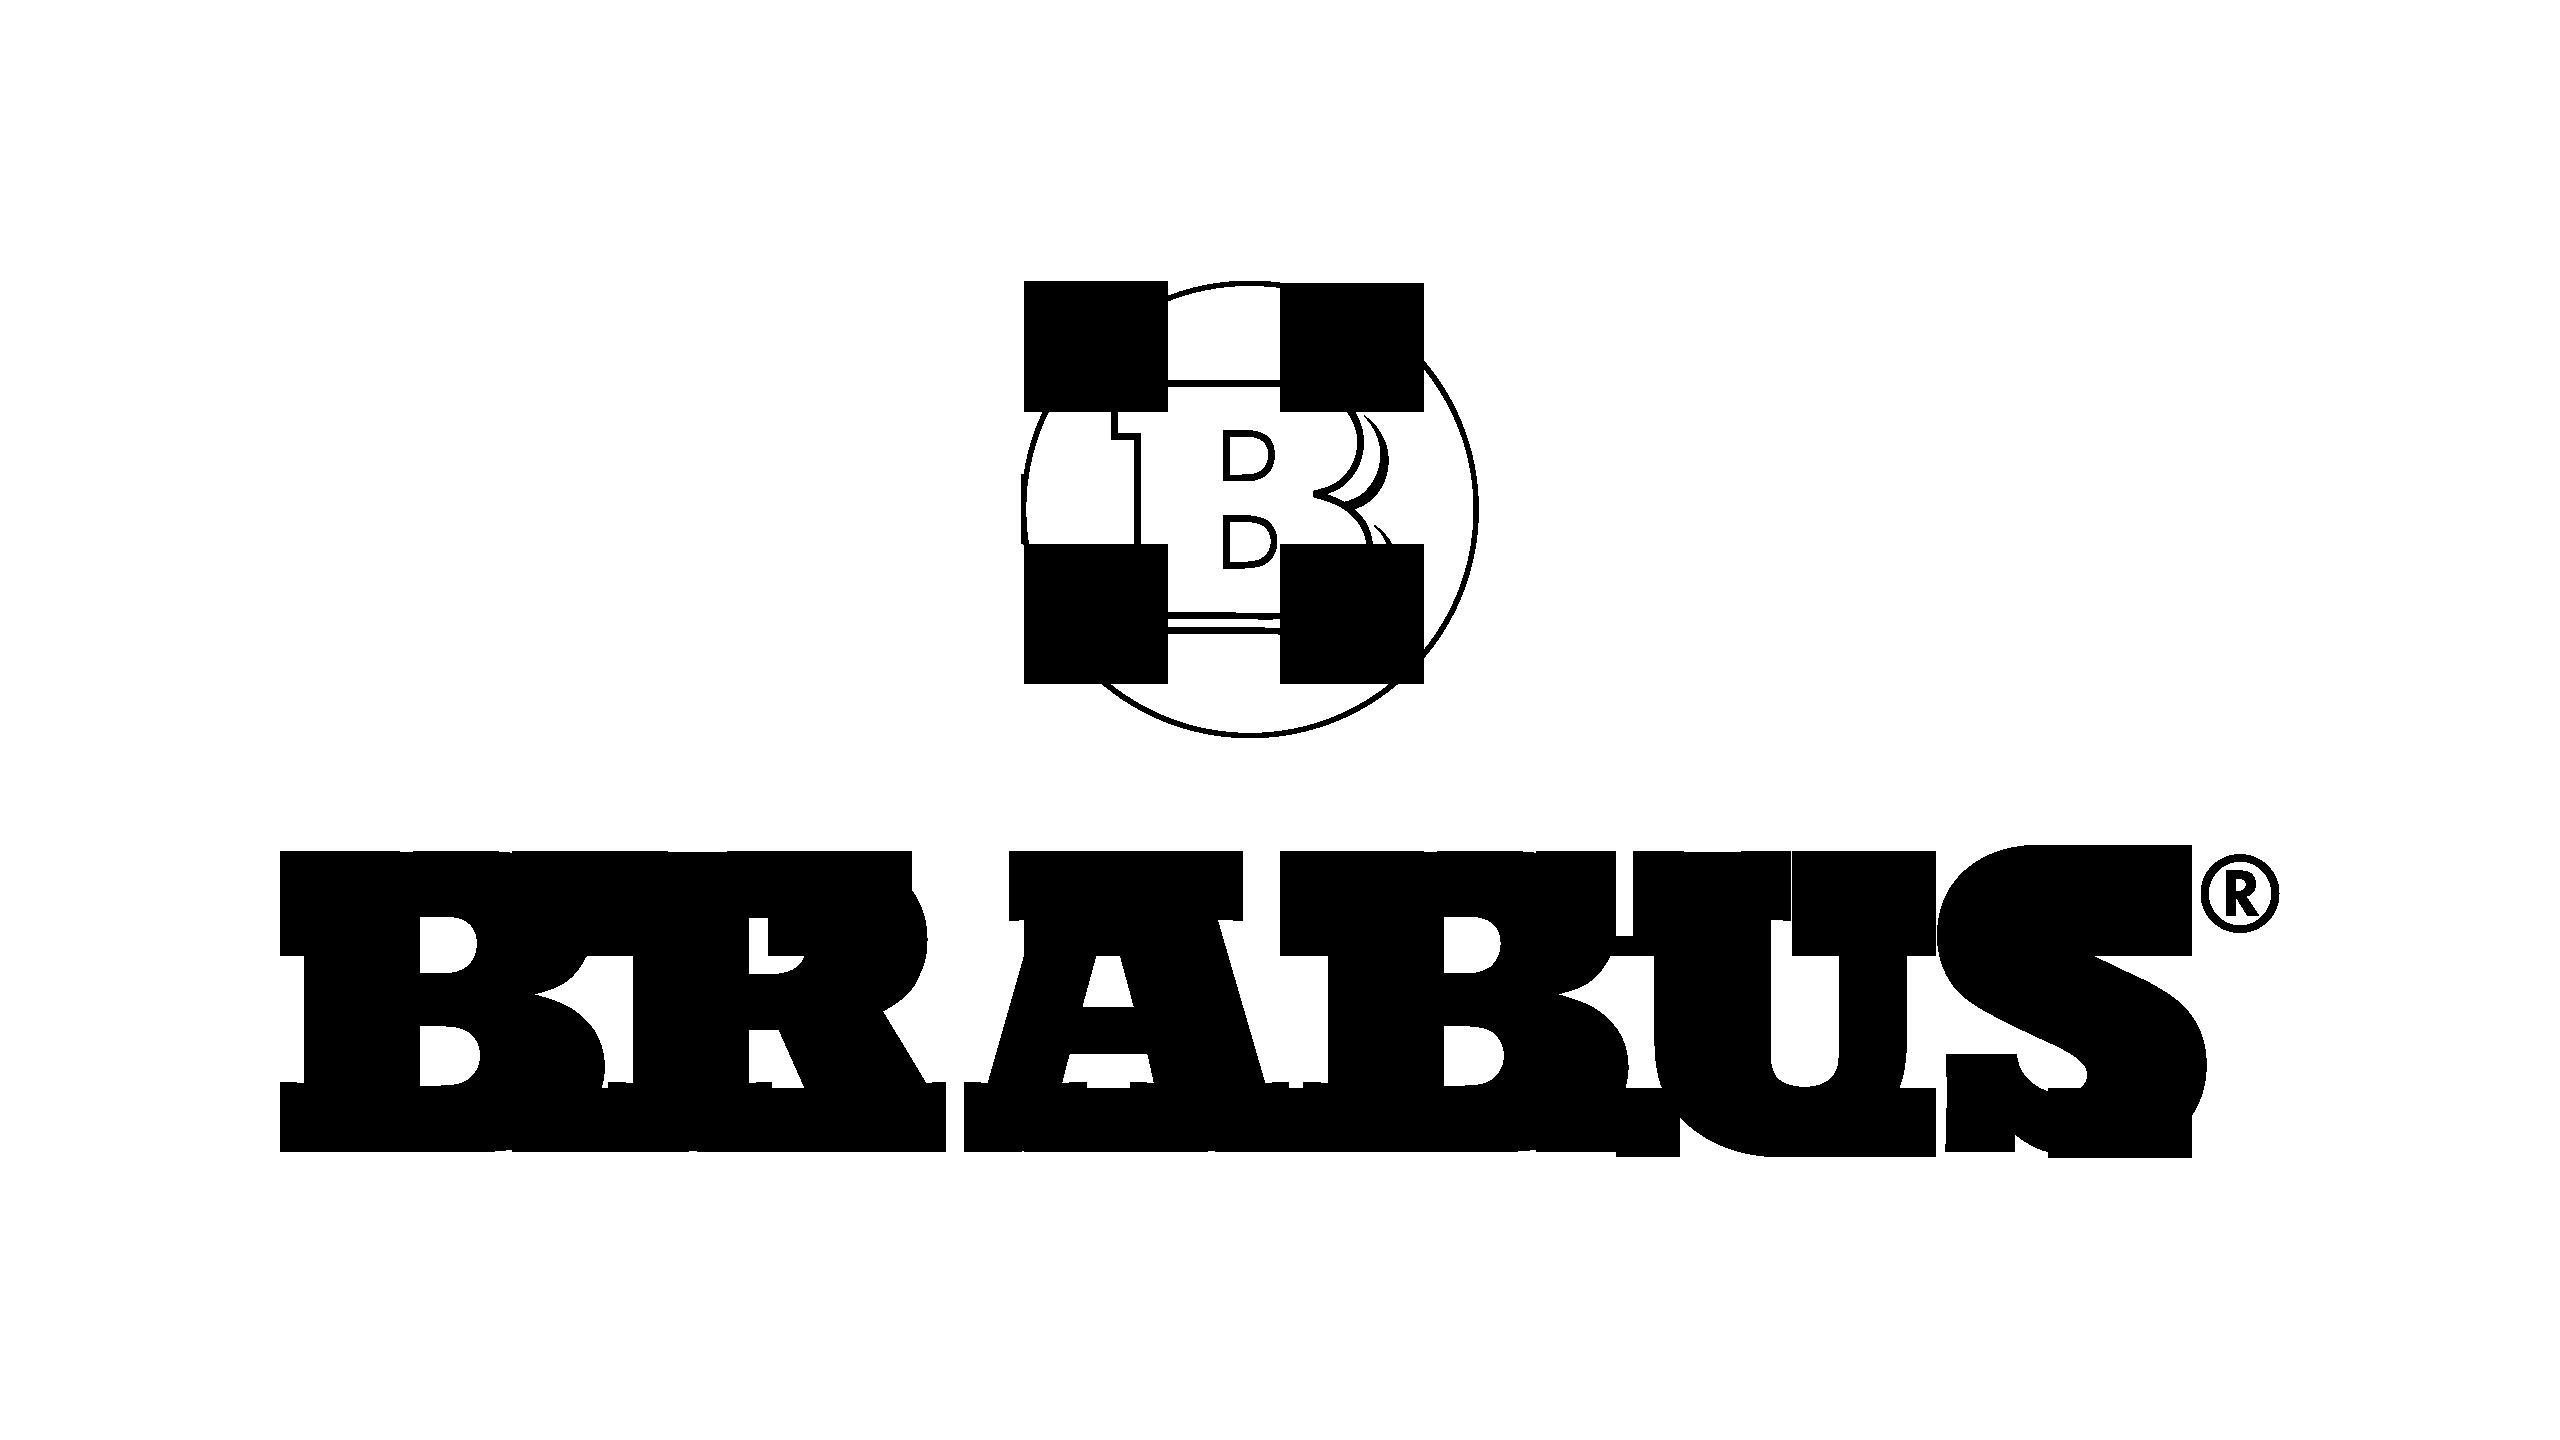 mercedes benz symbol wallpaper hd